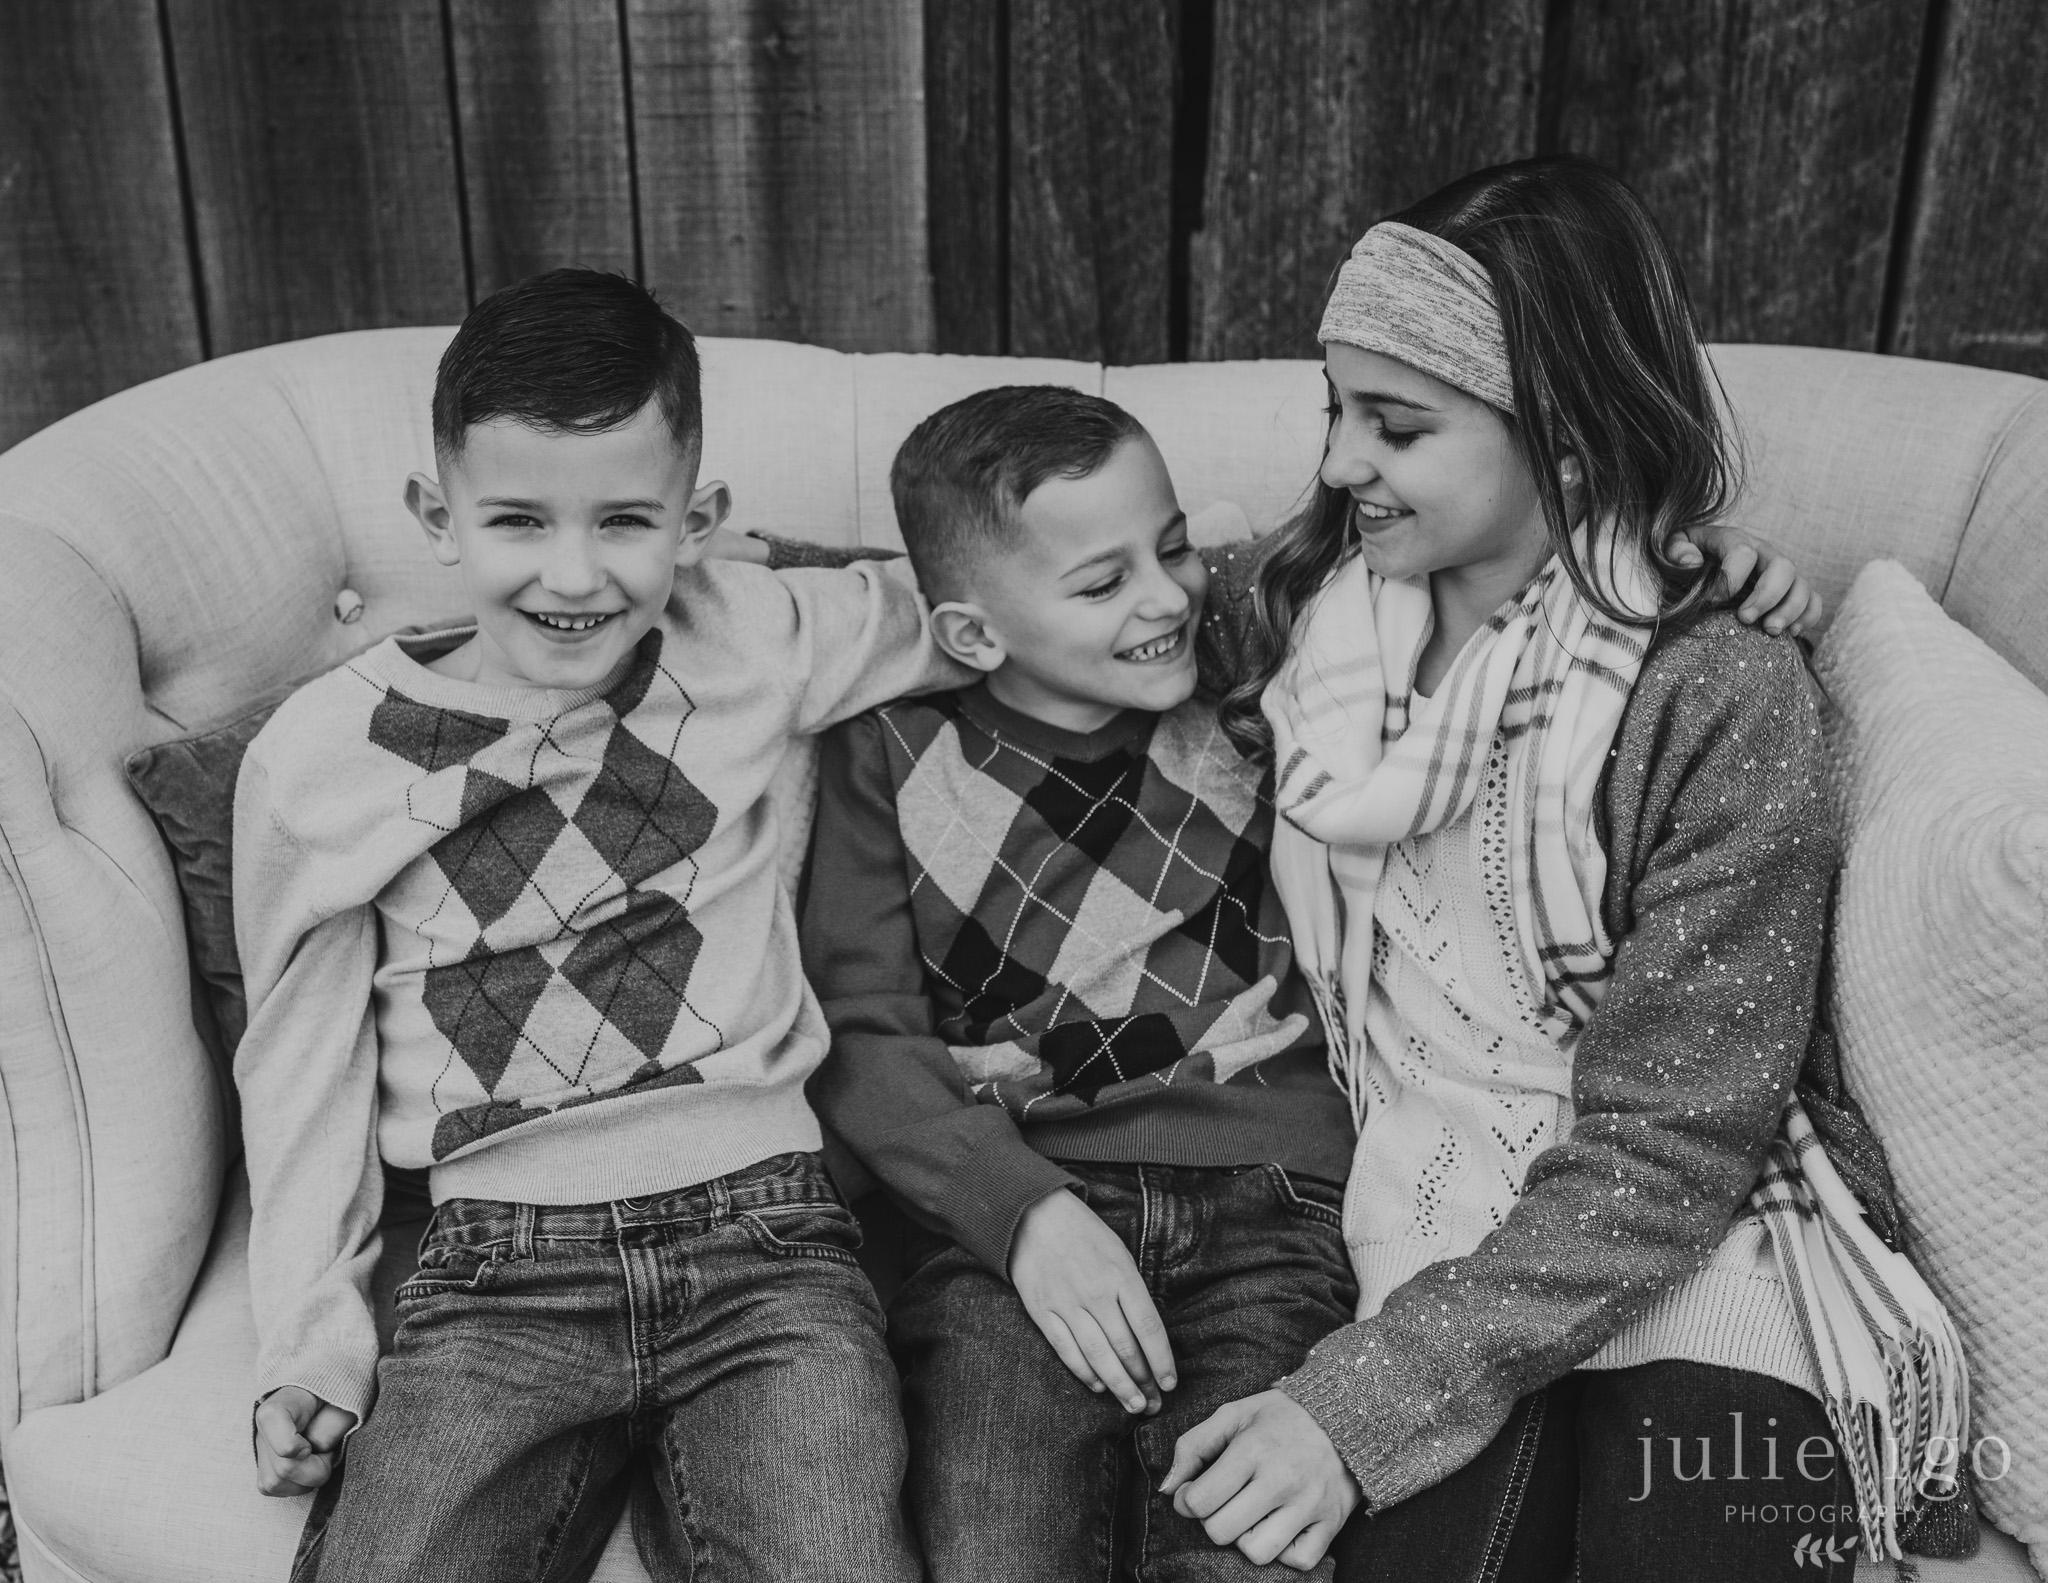 JulieIgoPhotography-18nov18-15.jpg